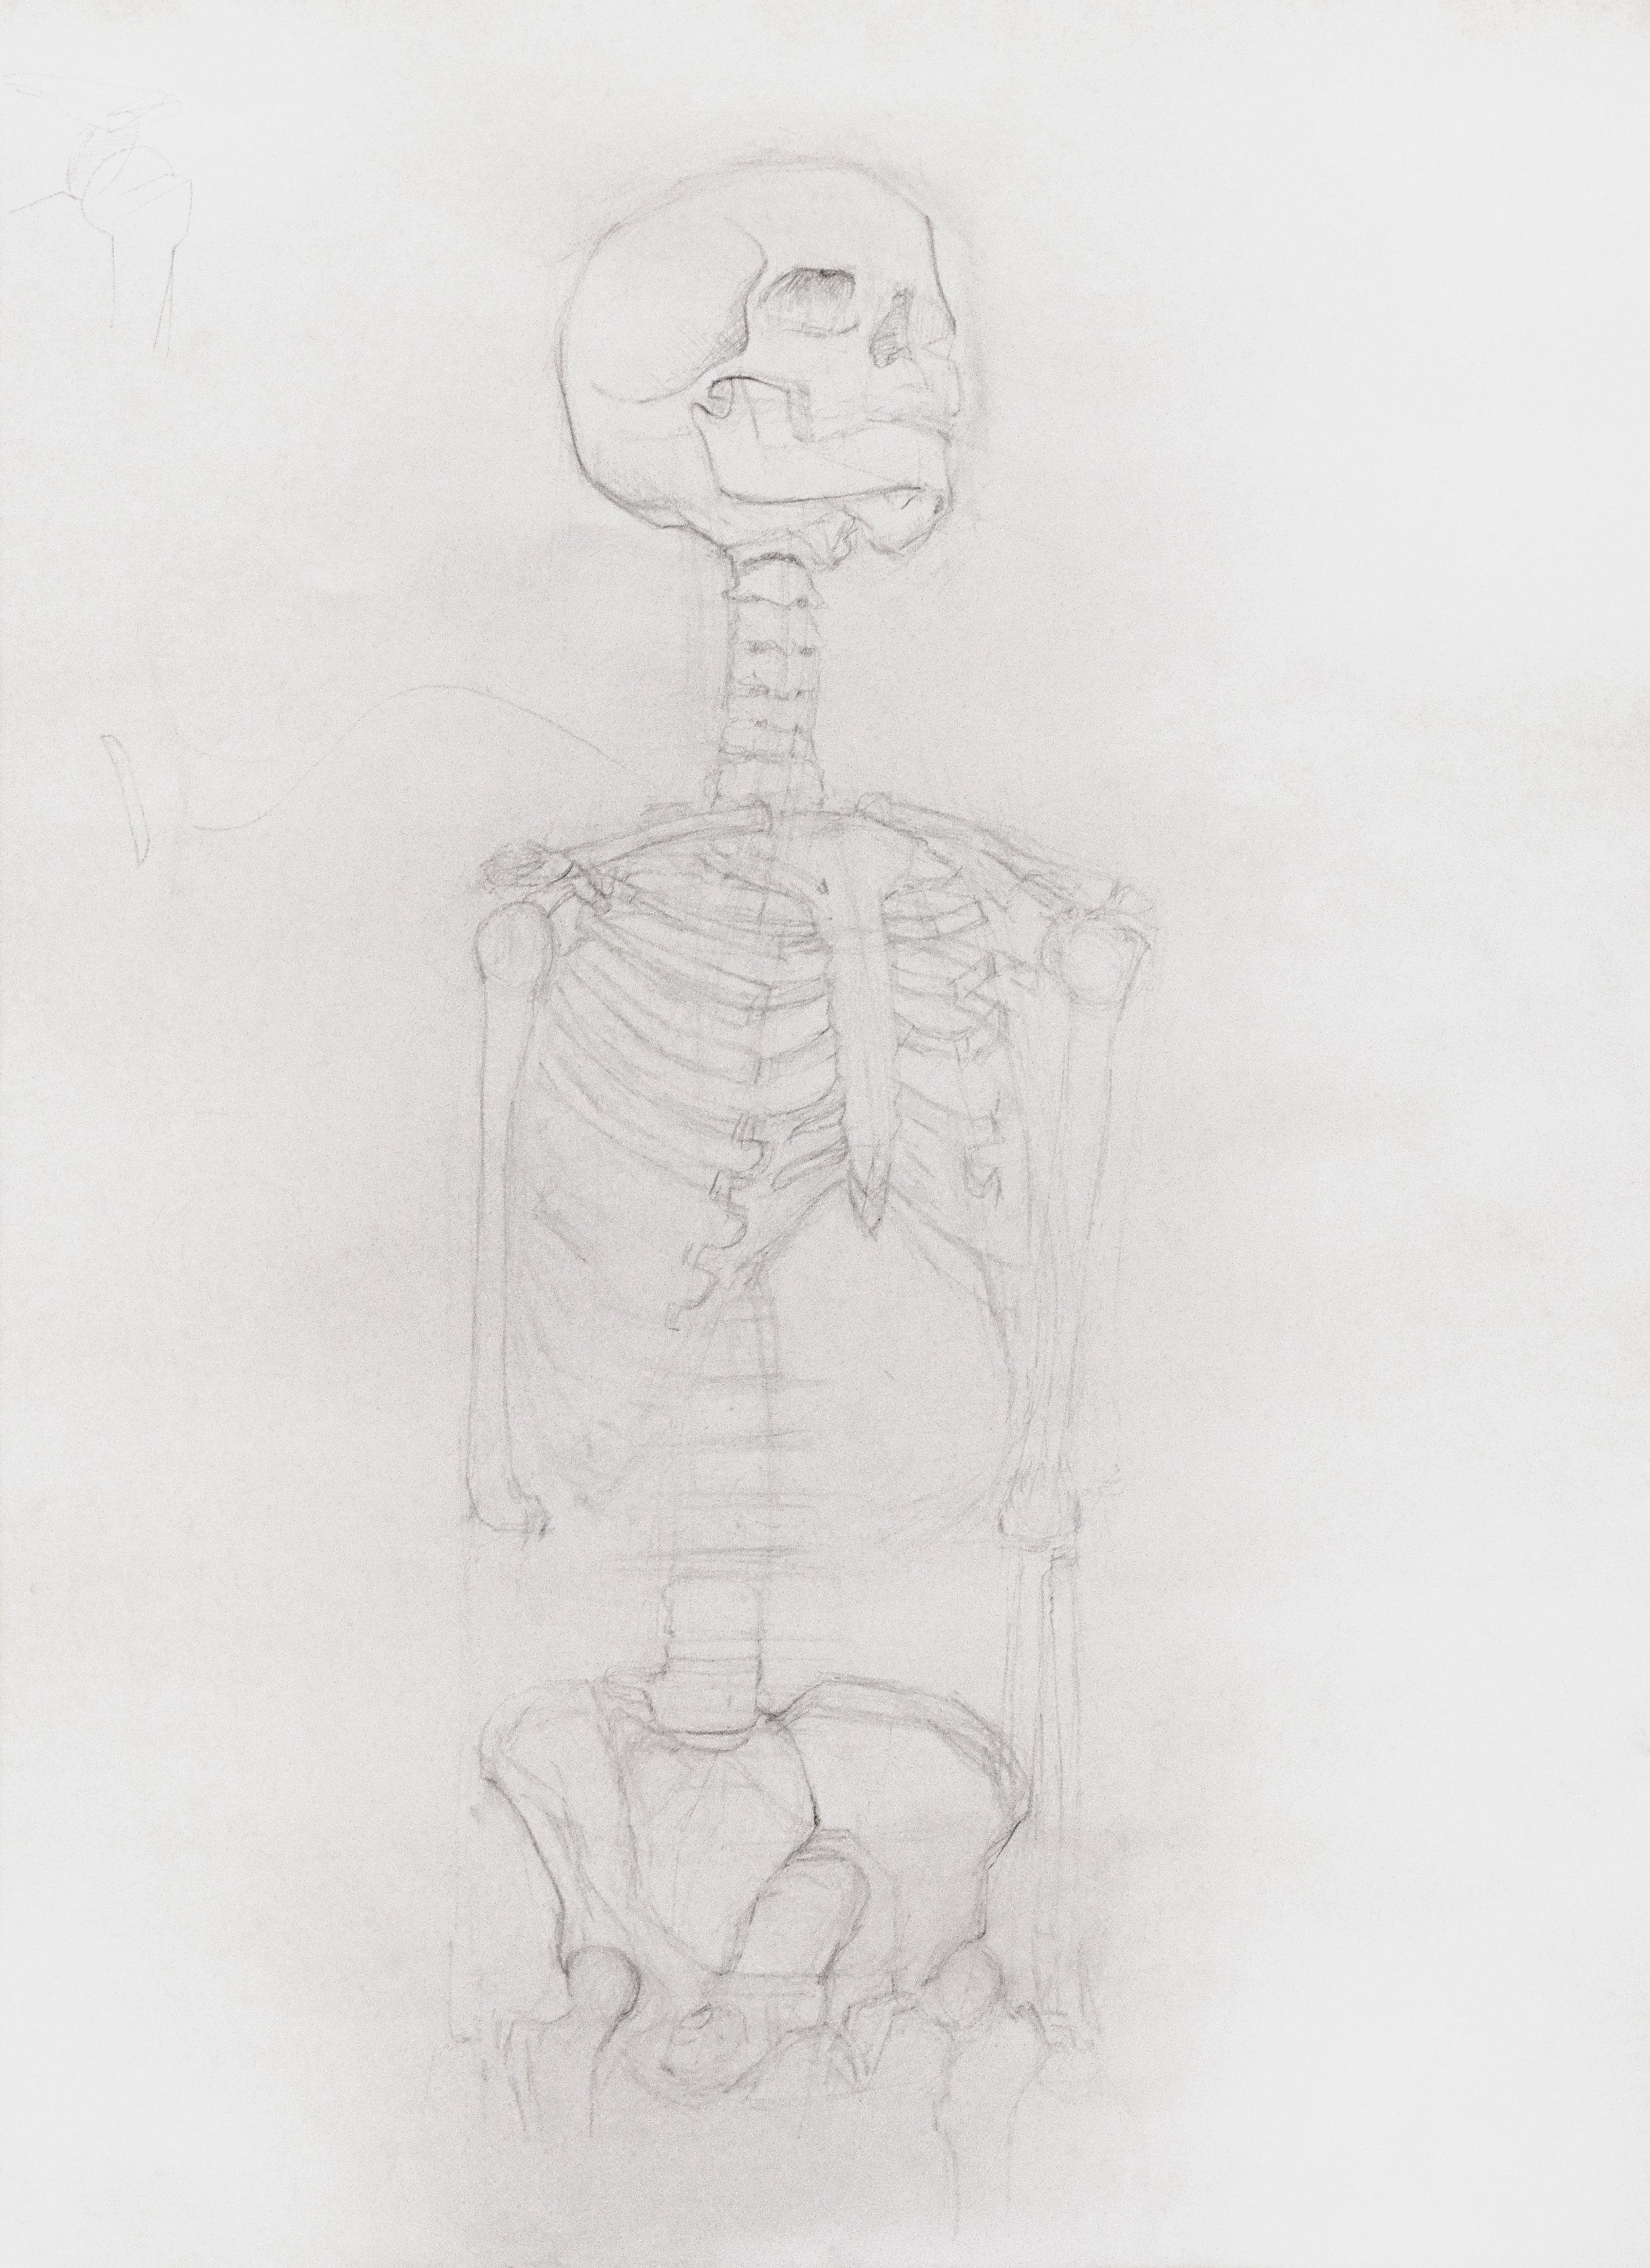 Rron Bajri Zeichenstift auf Papier 2015  Menschliche Anatomie für Künstler: eine offene Klasse II  im Menschen Museum